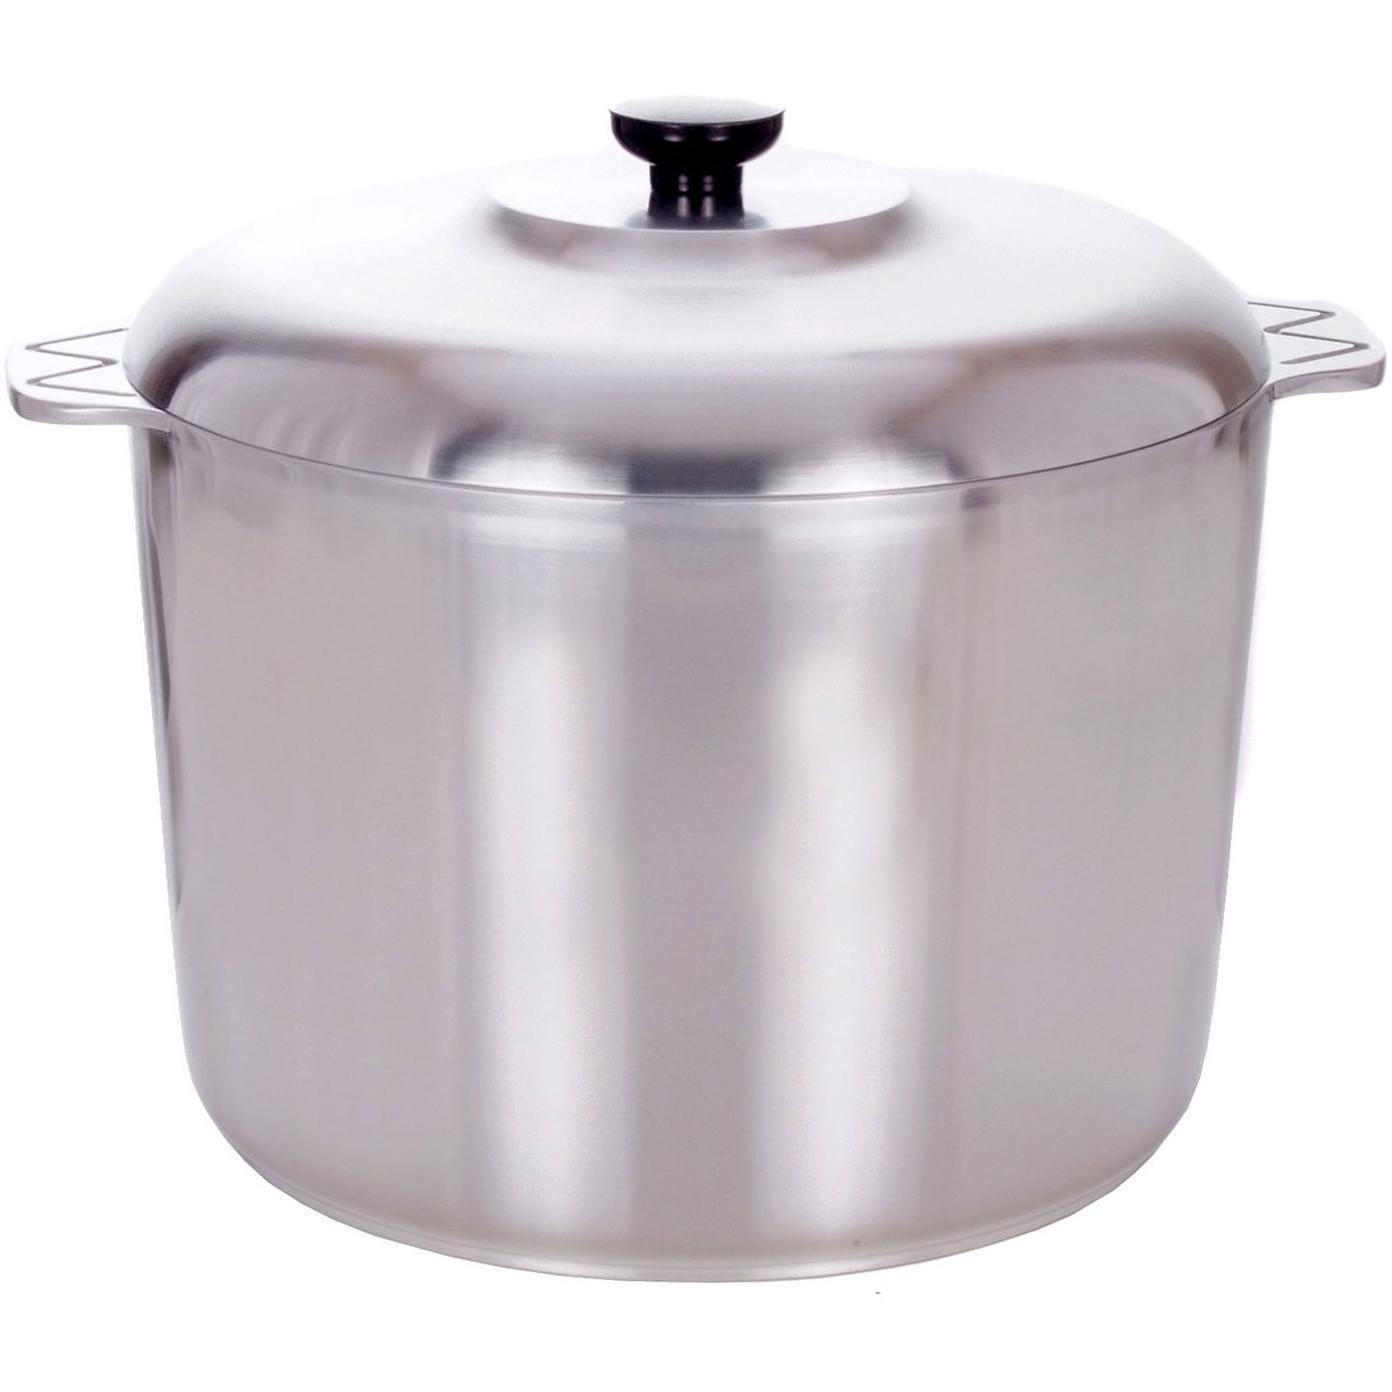 Cajun Cookware Pots 10 Quart Aluminum Stock Pot